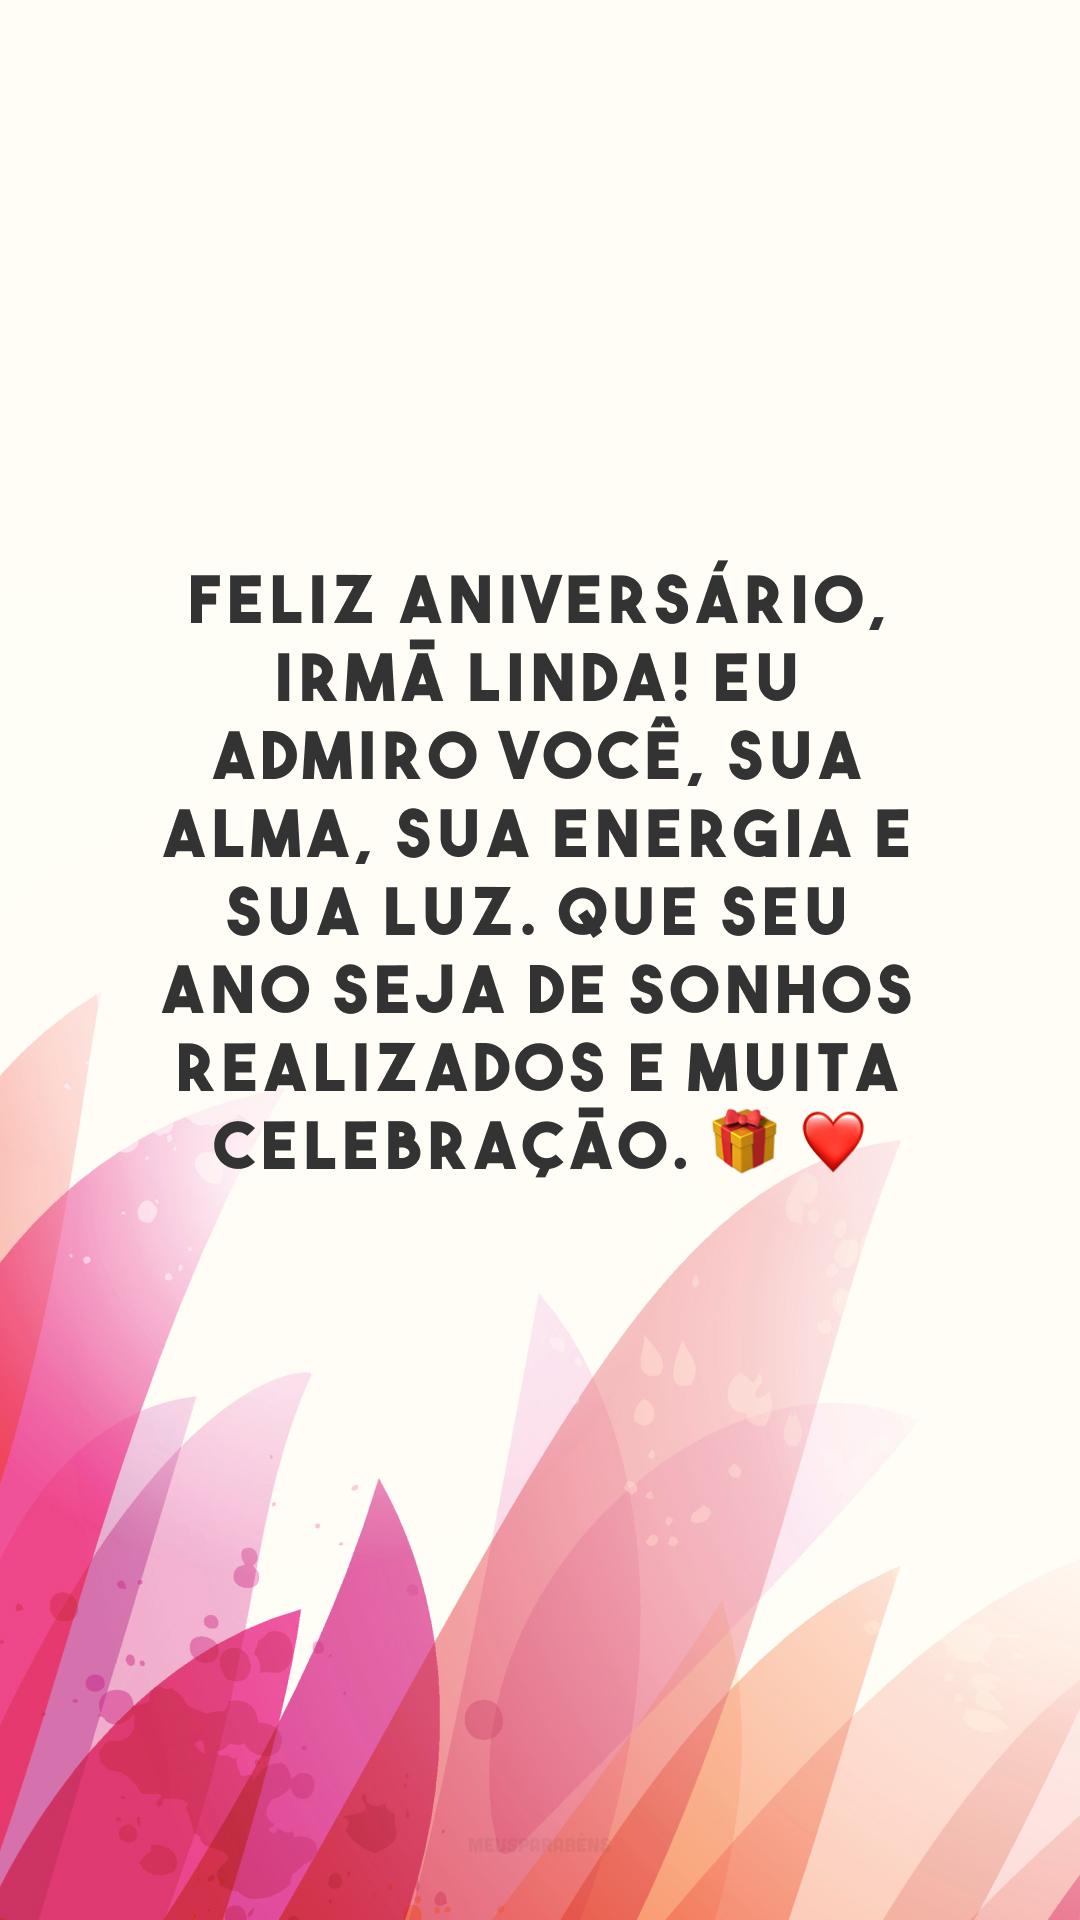 Feliz aniversário, irmã linda! Eu admiro você, sua alma, sua energia e sua luz. Que seu ano seja de sonhos realizados e muita celebração.